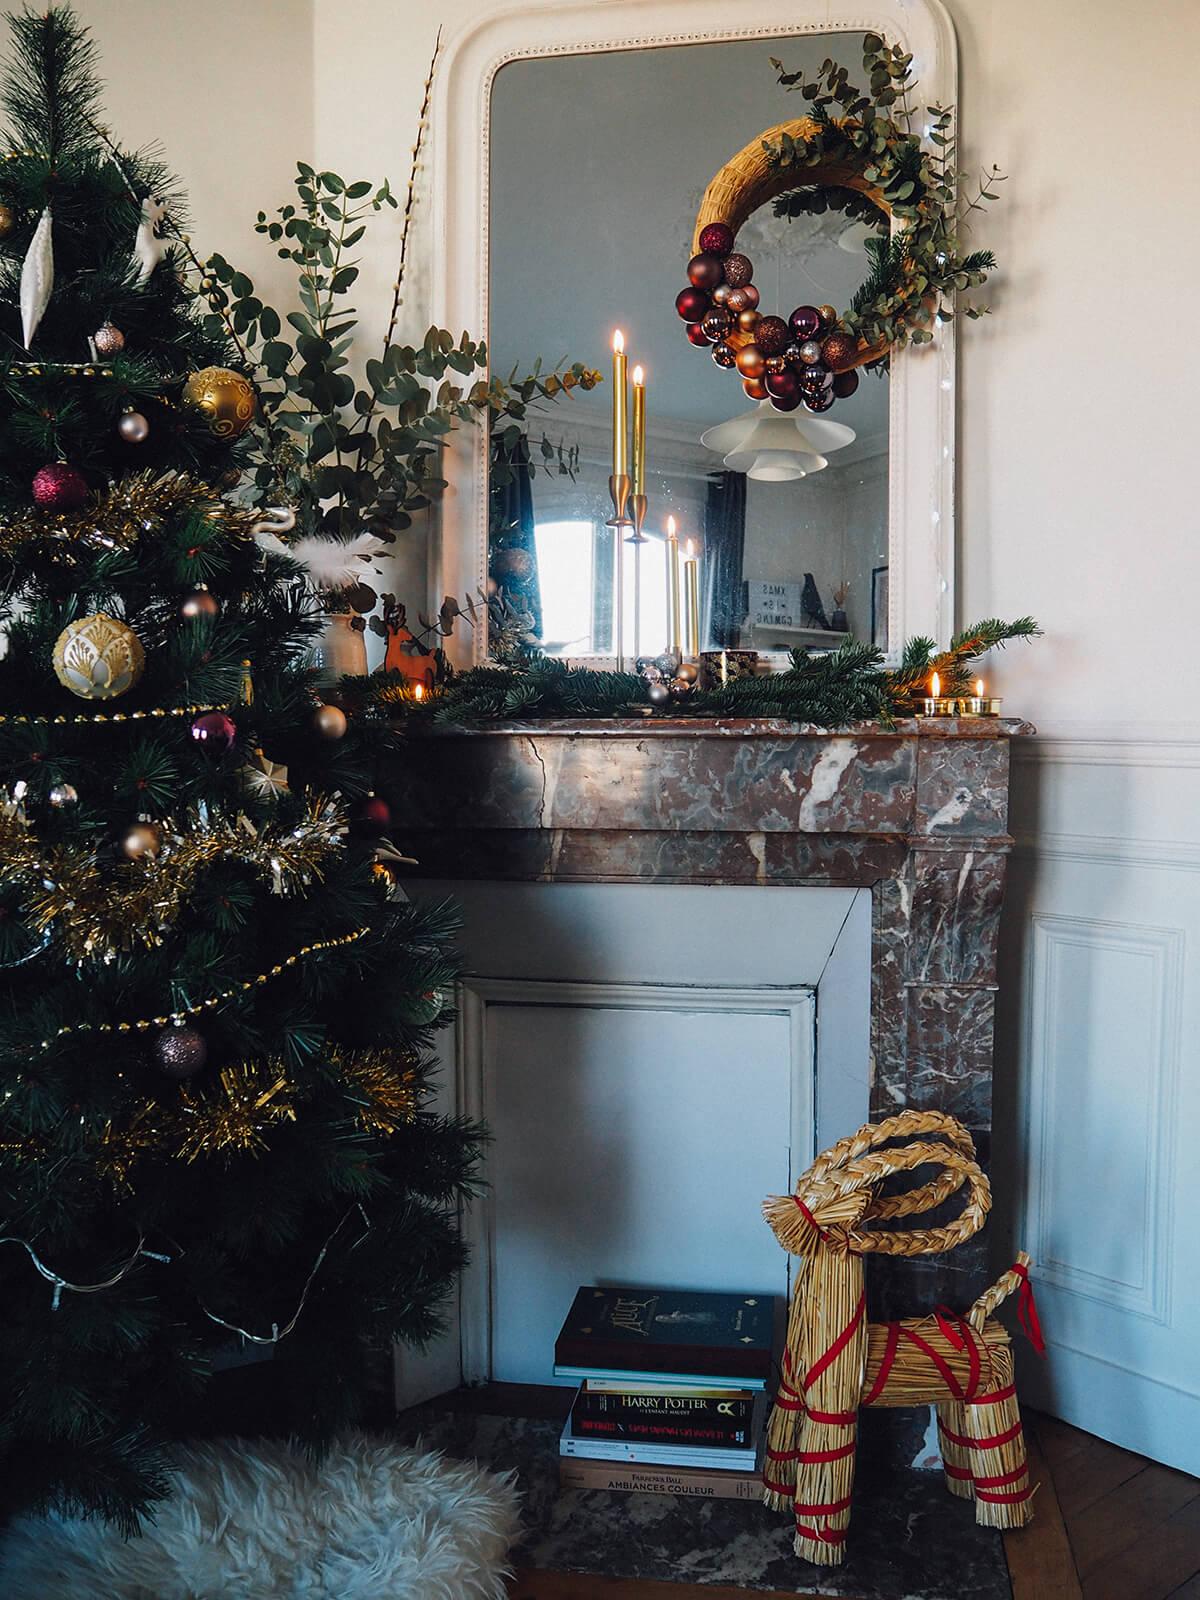 #683E2F Noël à La Maison Frenchy Fancy 5273 decoration table noel monoprix 1200x1600 px @ aertt.com